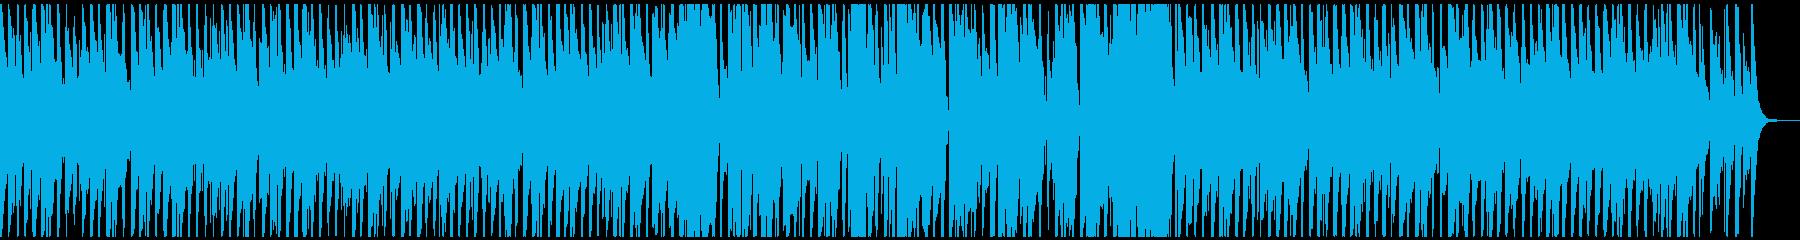 かわいい童謡「春の小川」ウクレレと鉄琴の再生済みの波形